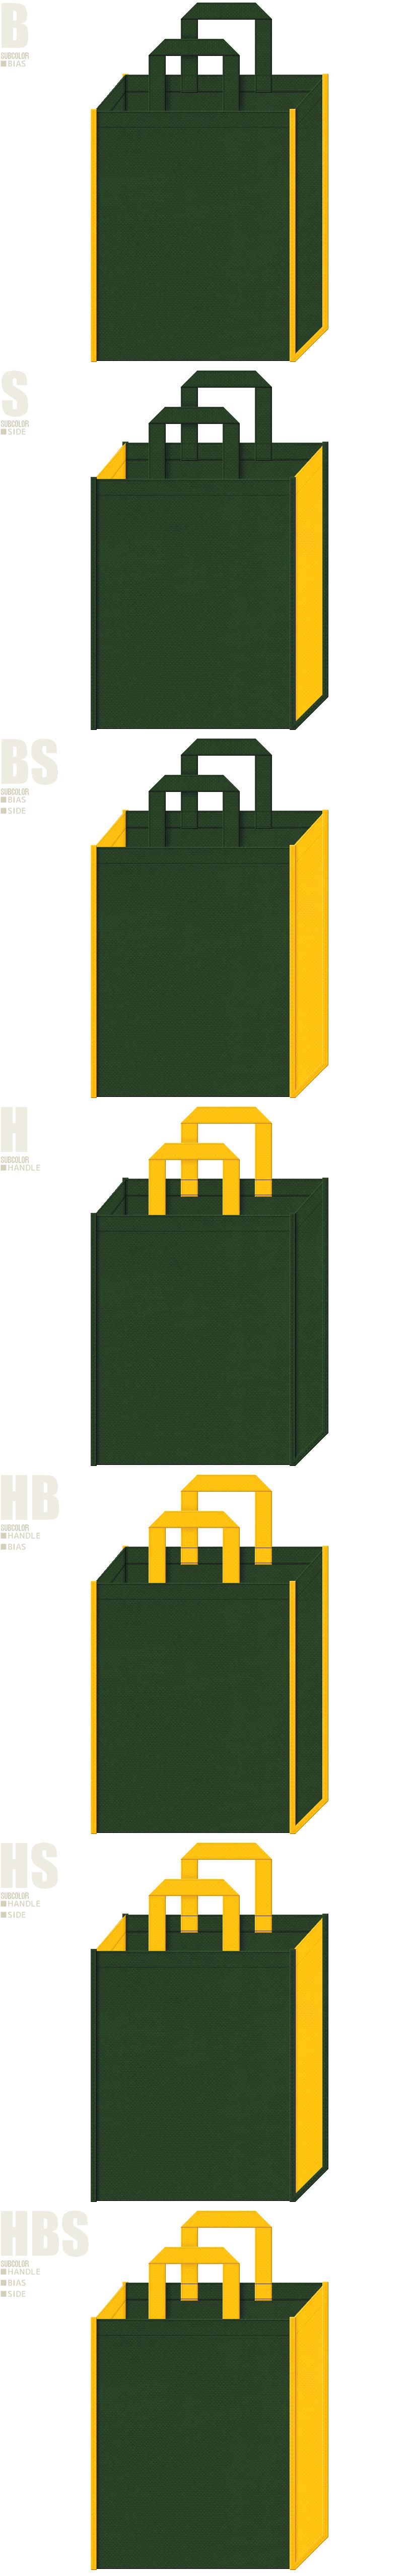 濃緑色と黄色、7パターンの不織布トートバッグ配色デザイン例。アウトドア・キャンプ用品の展示会用バッグにお奨めです。